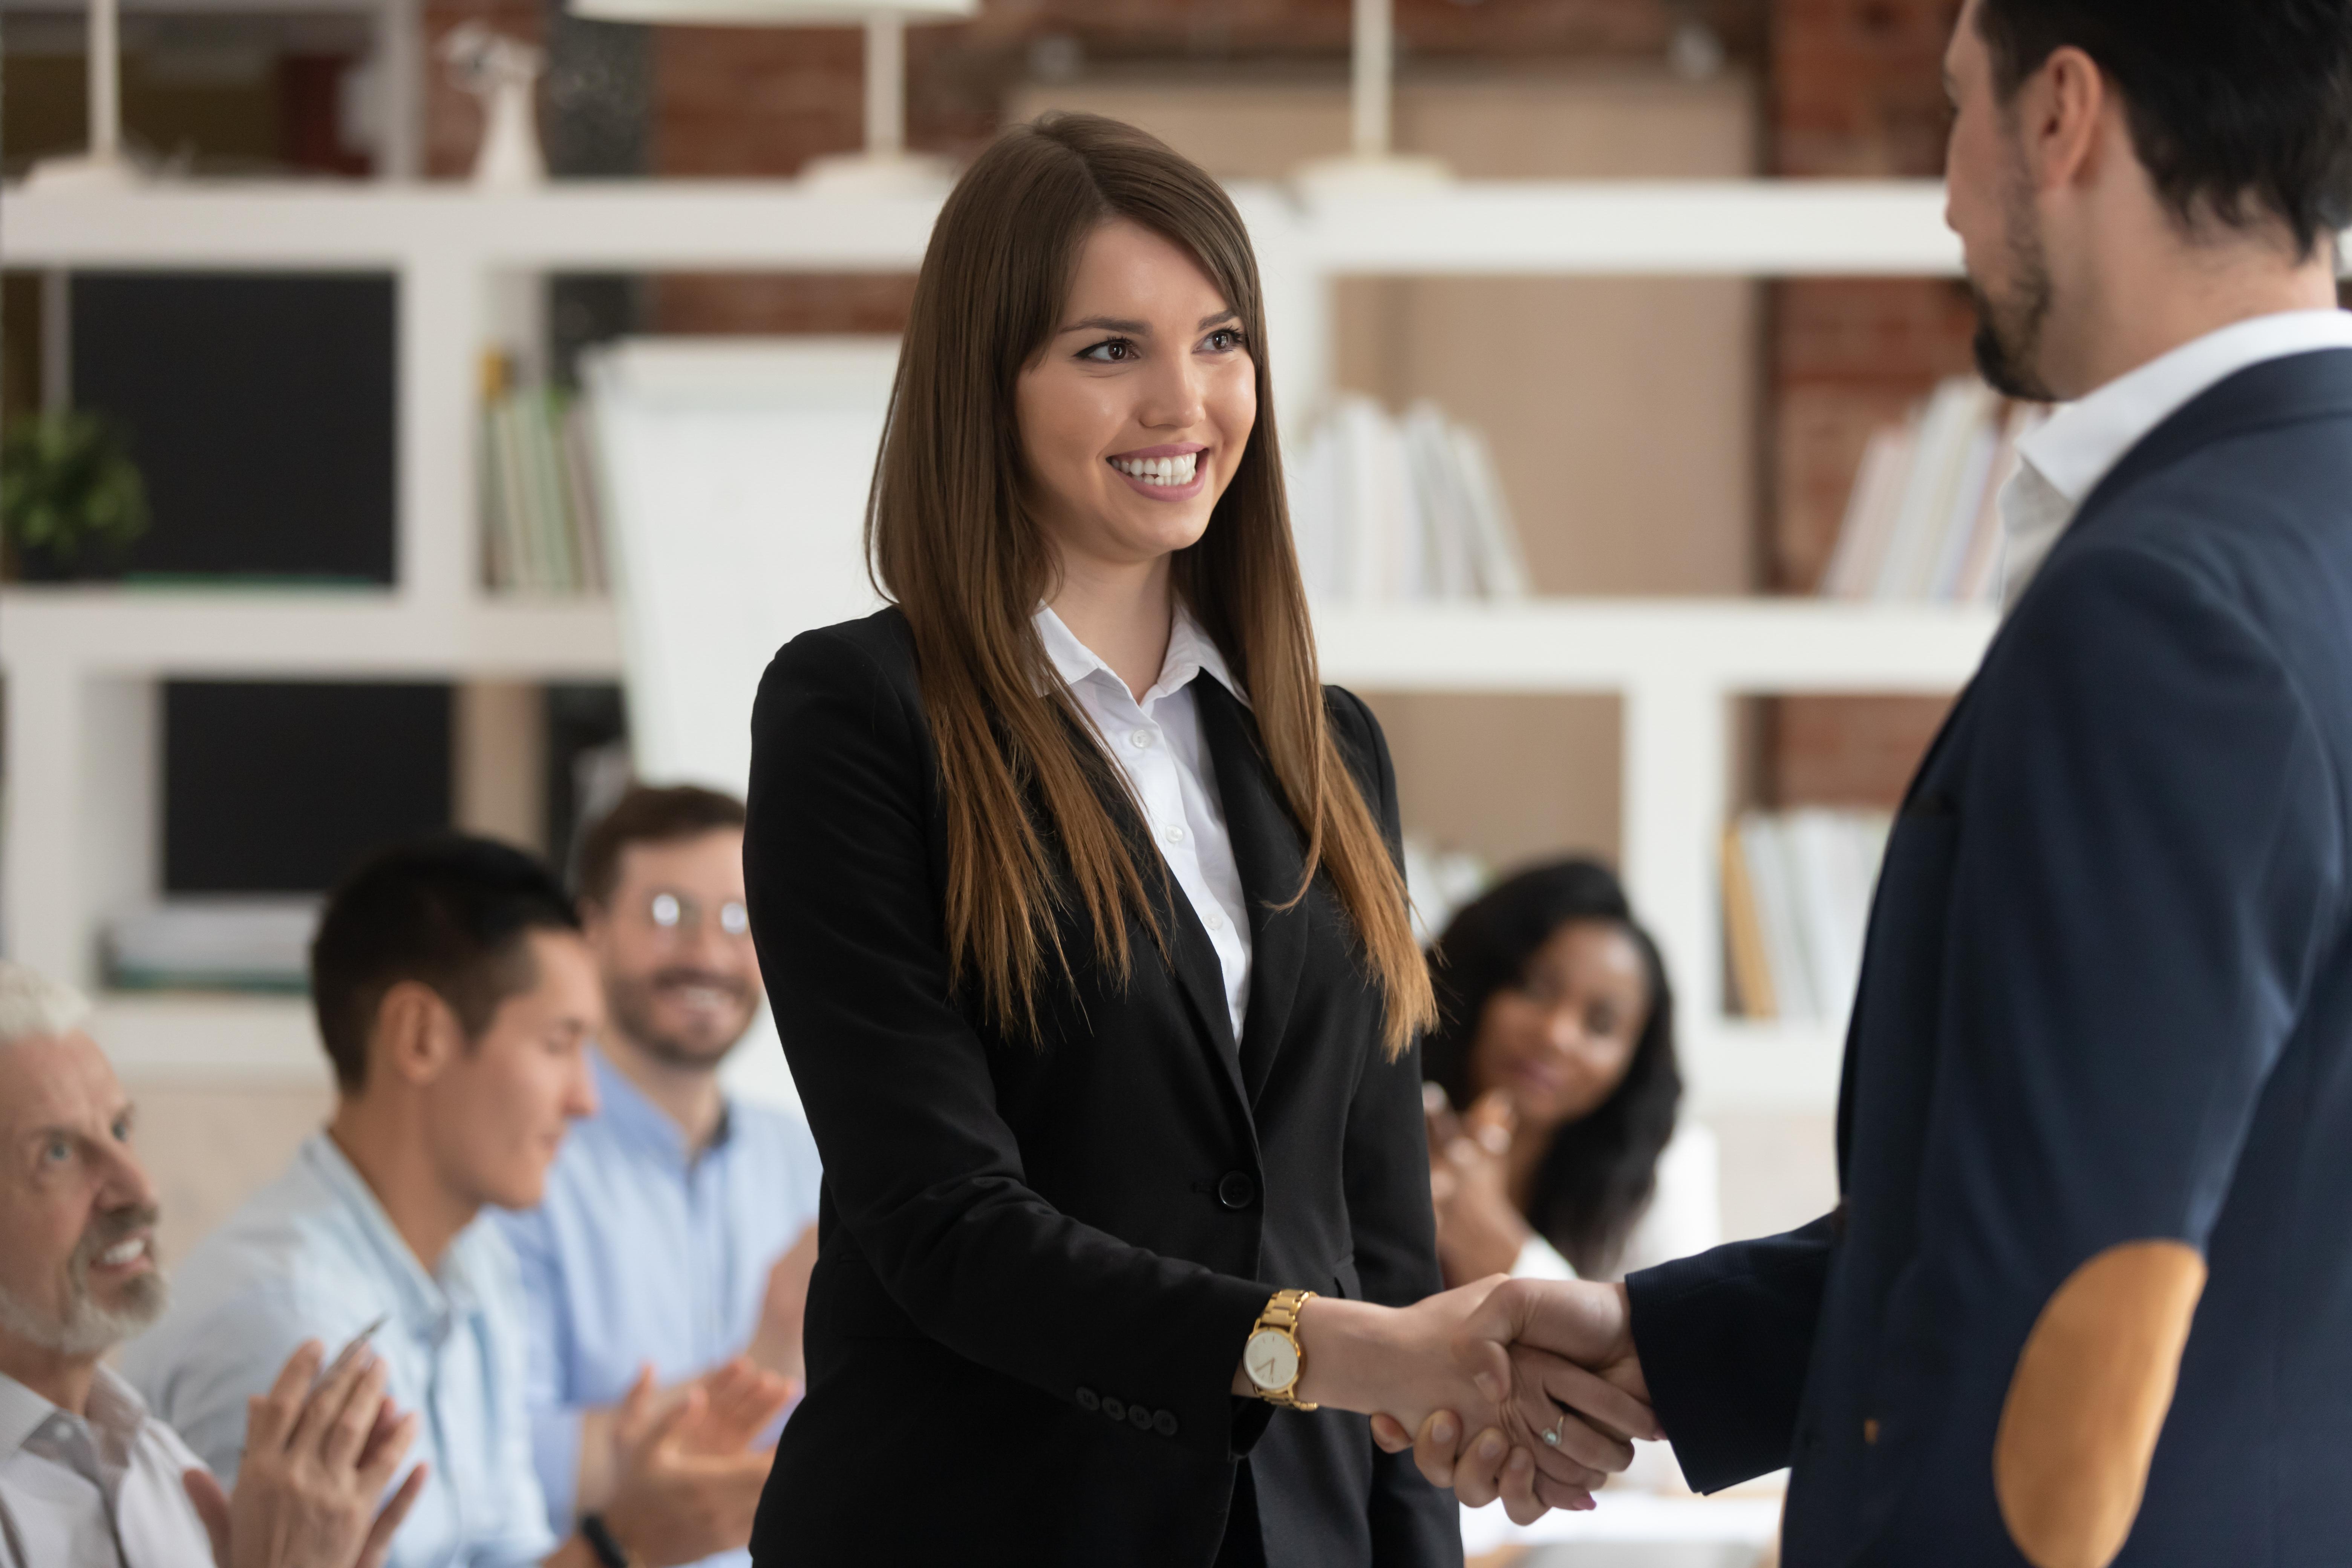 How to Demolish Your 2021 Sales Goals